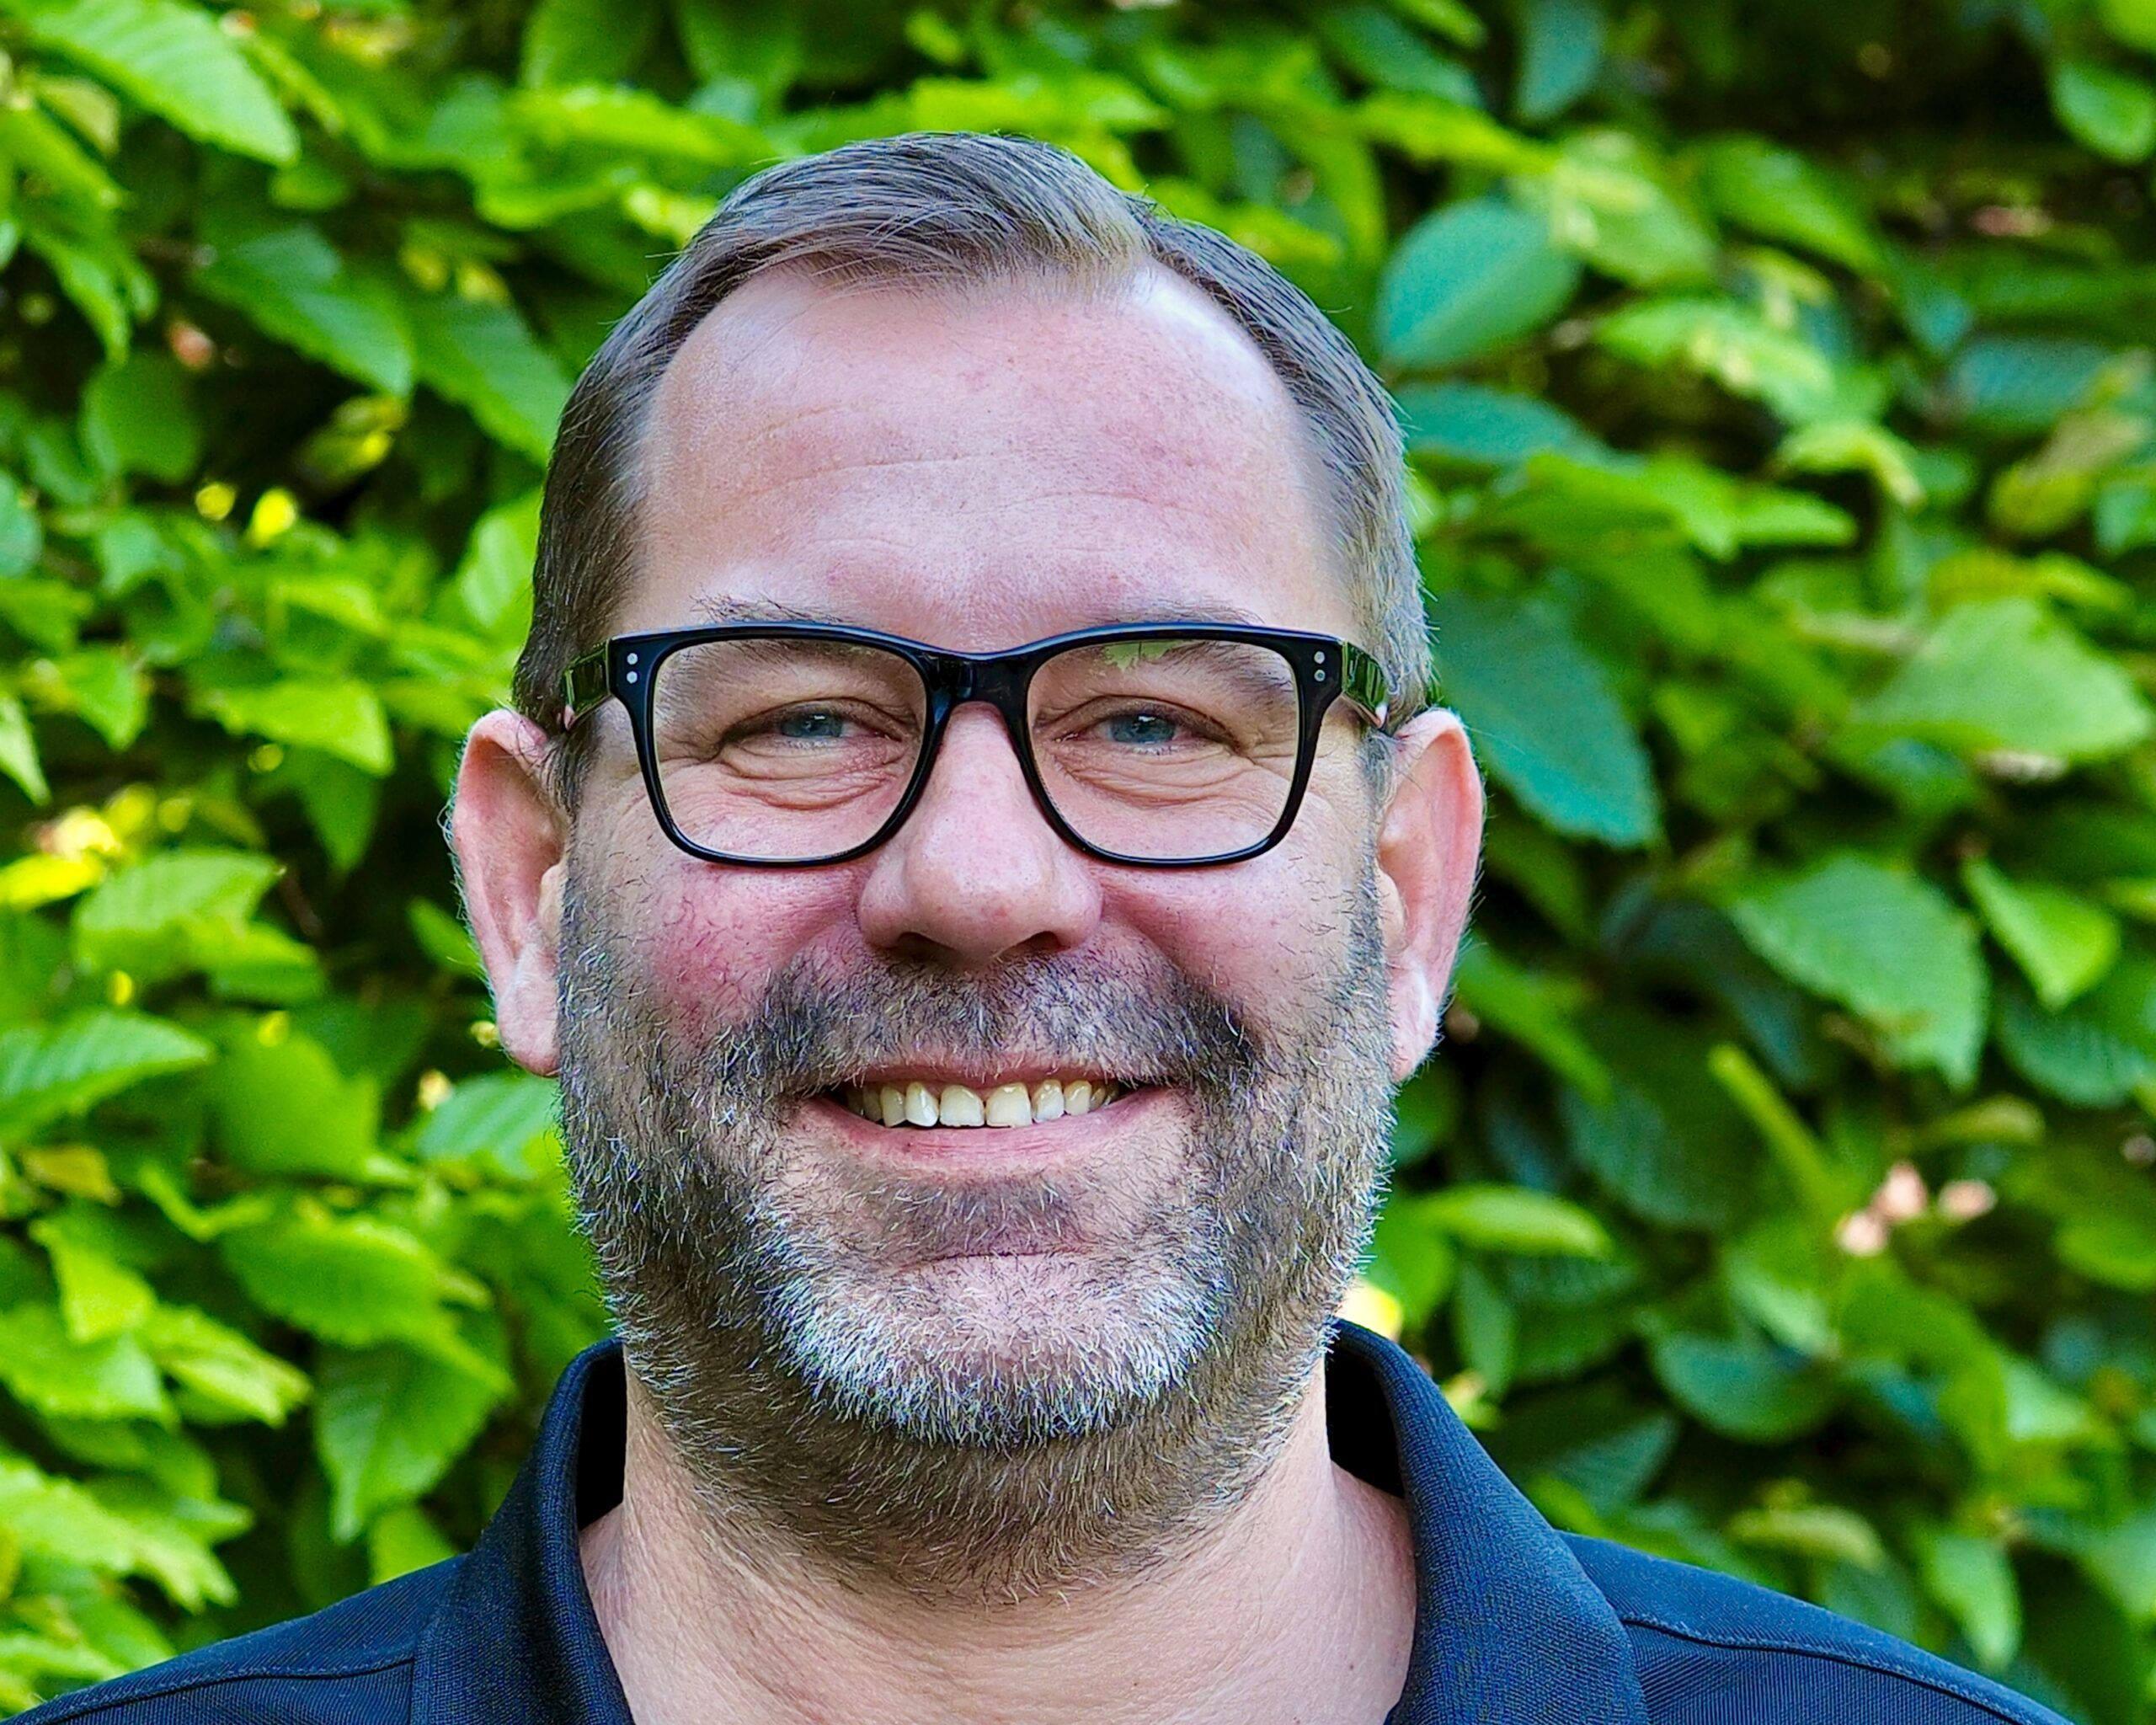 Unser GRÜNER Kandidat auf Listenplatz 10 für die Gemeinderatswahl in Adendorf am 12.09.2021